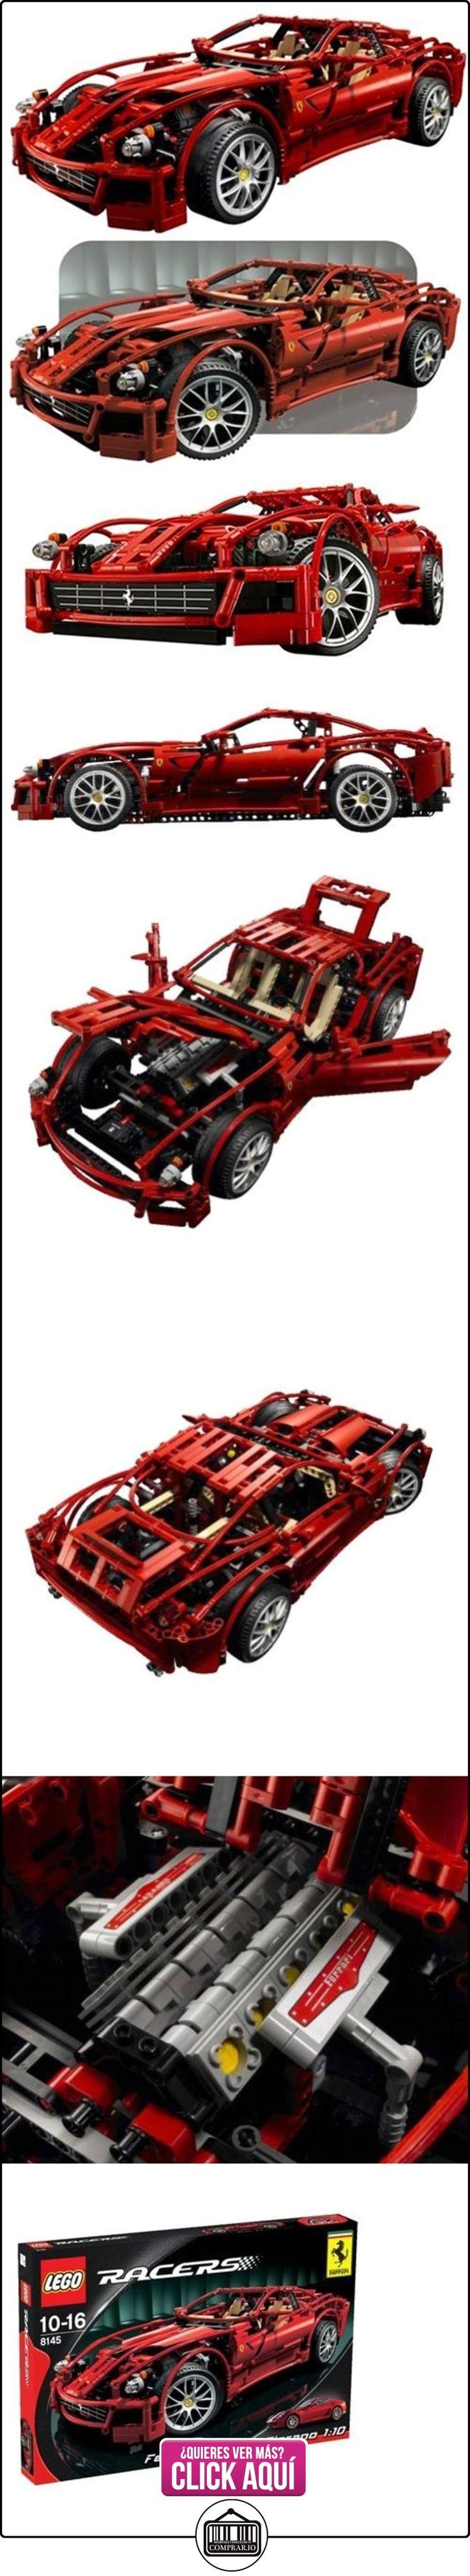 Lego racers 8145 lego el surtido m s amplio ver oferta